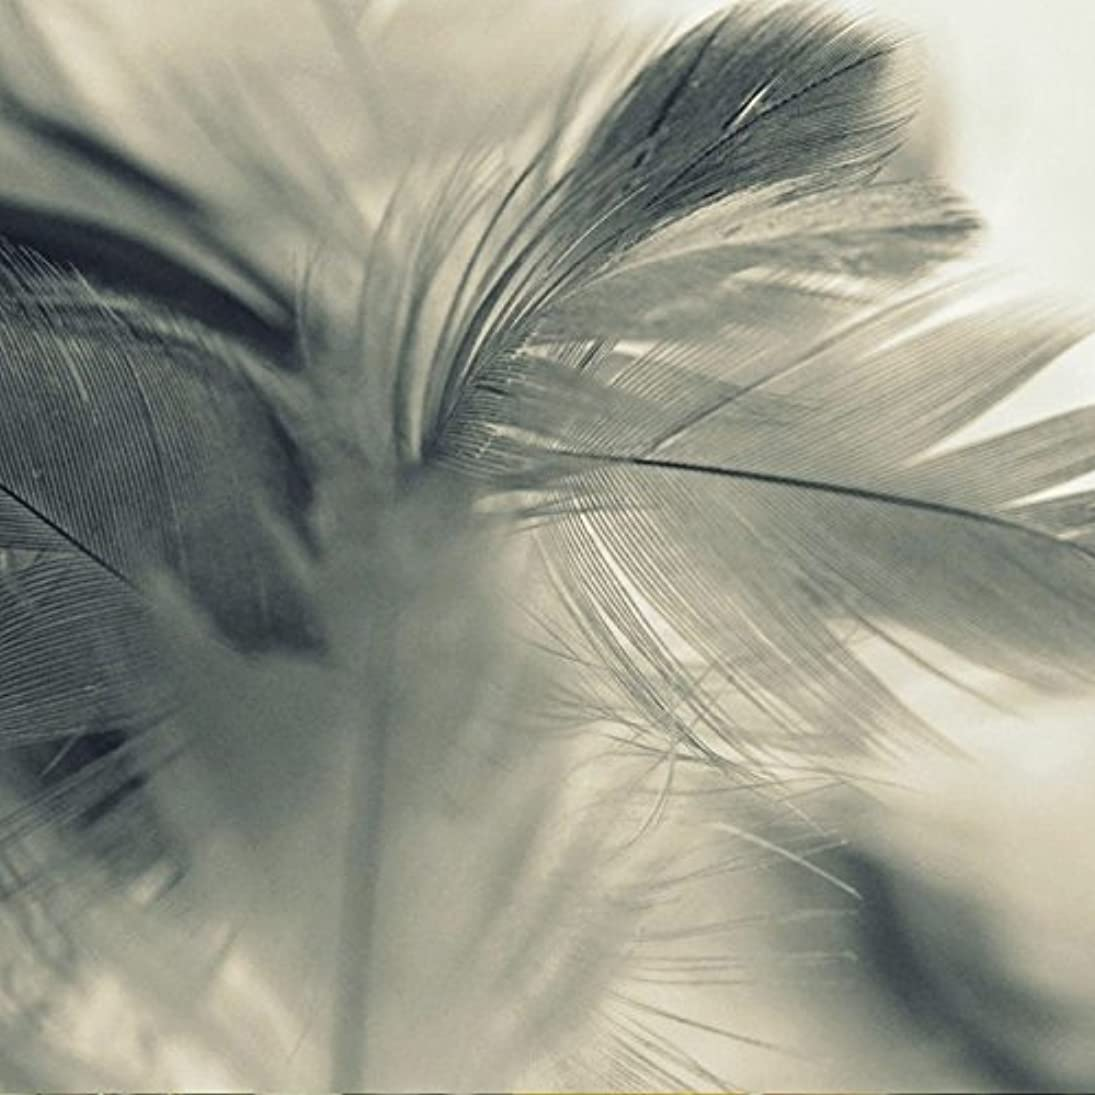 関与するレガシー未満アロマフレグランスオイル エンジェルウィングス(Angel Wings)